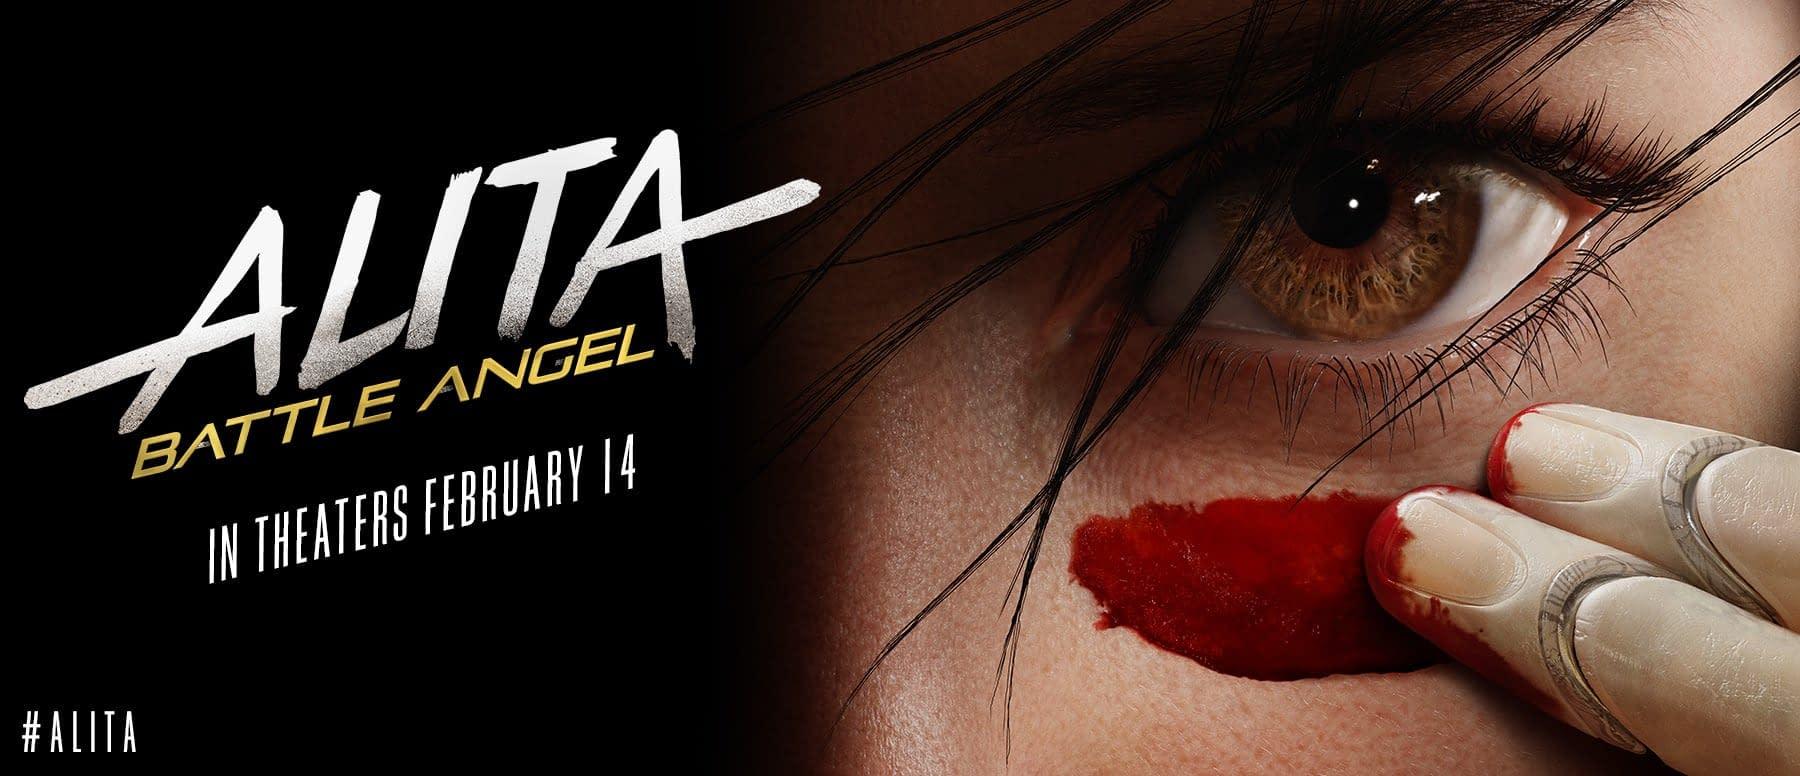 James Cameron and Robert Rodriguez Talk Alita: Battle Angel Sequel Plans